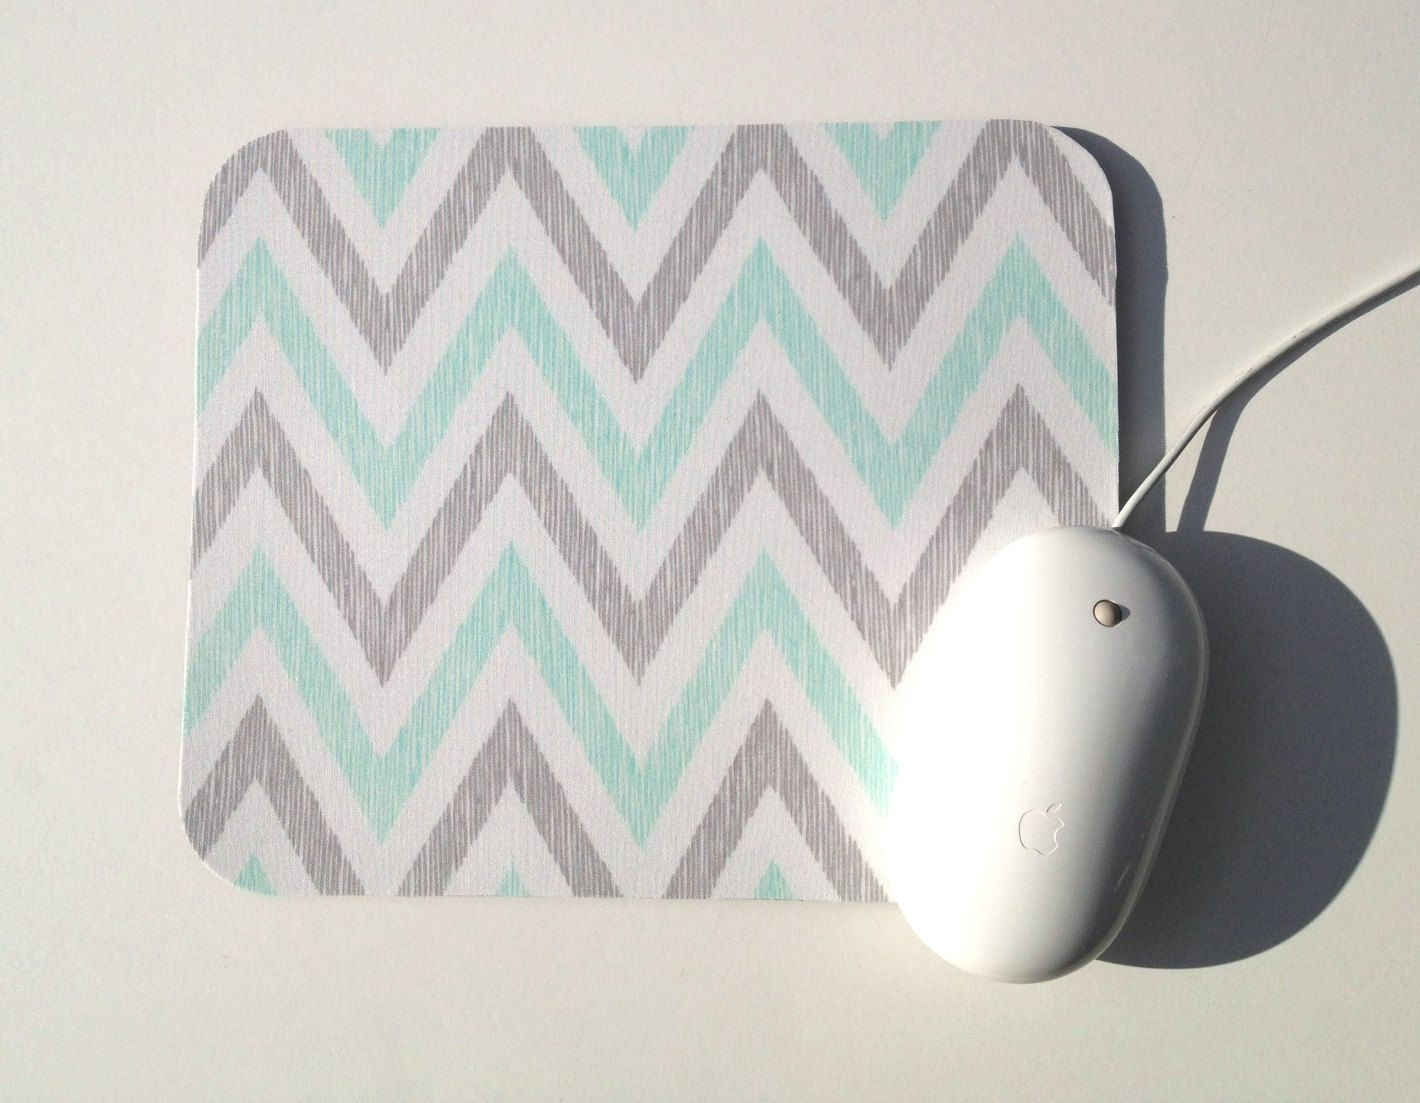 Amazing Mouse Pad / Chevron Aqua, Gray, And White / Home Office Decor / Simpatico